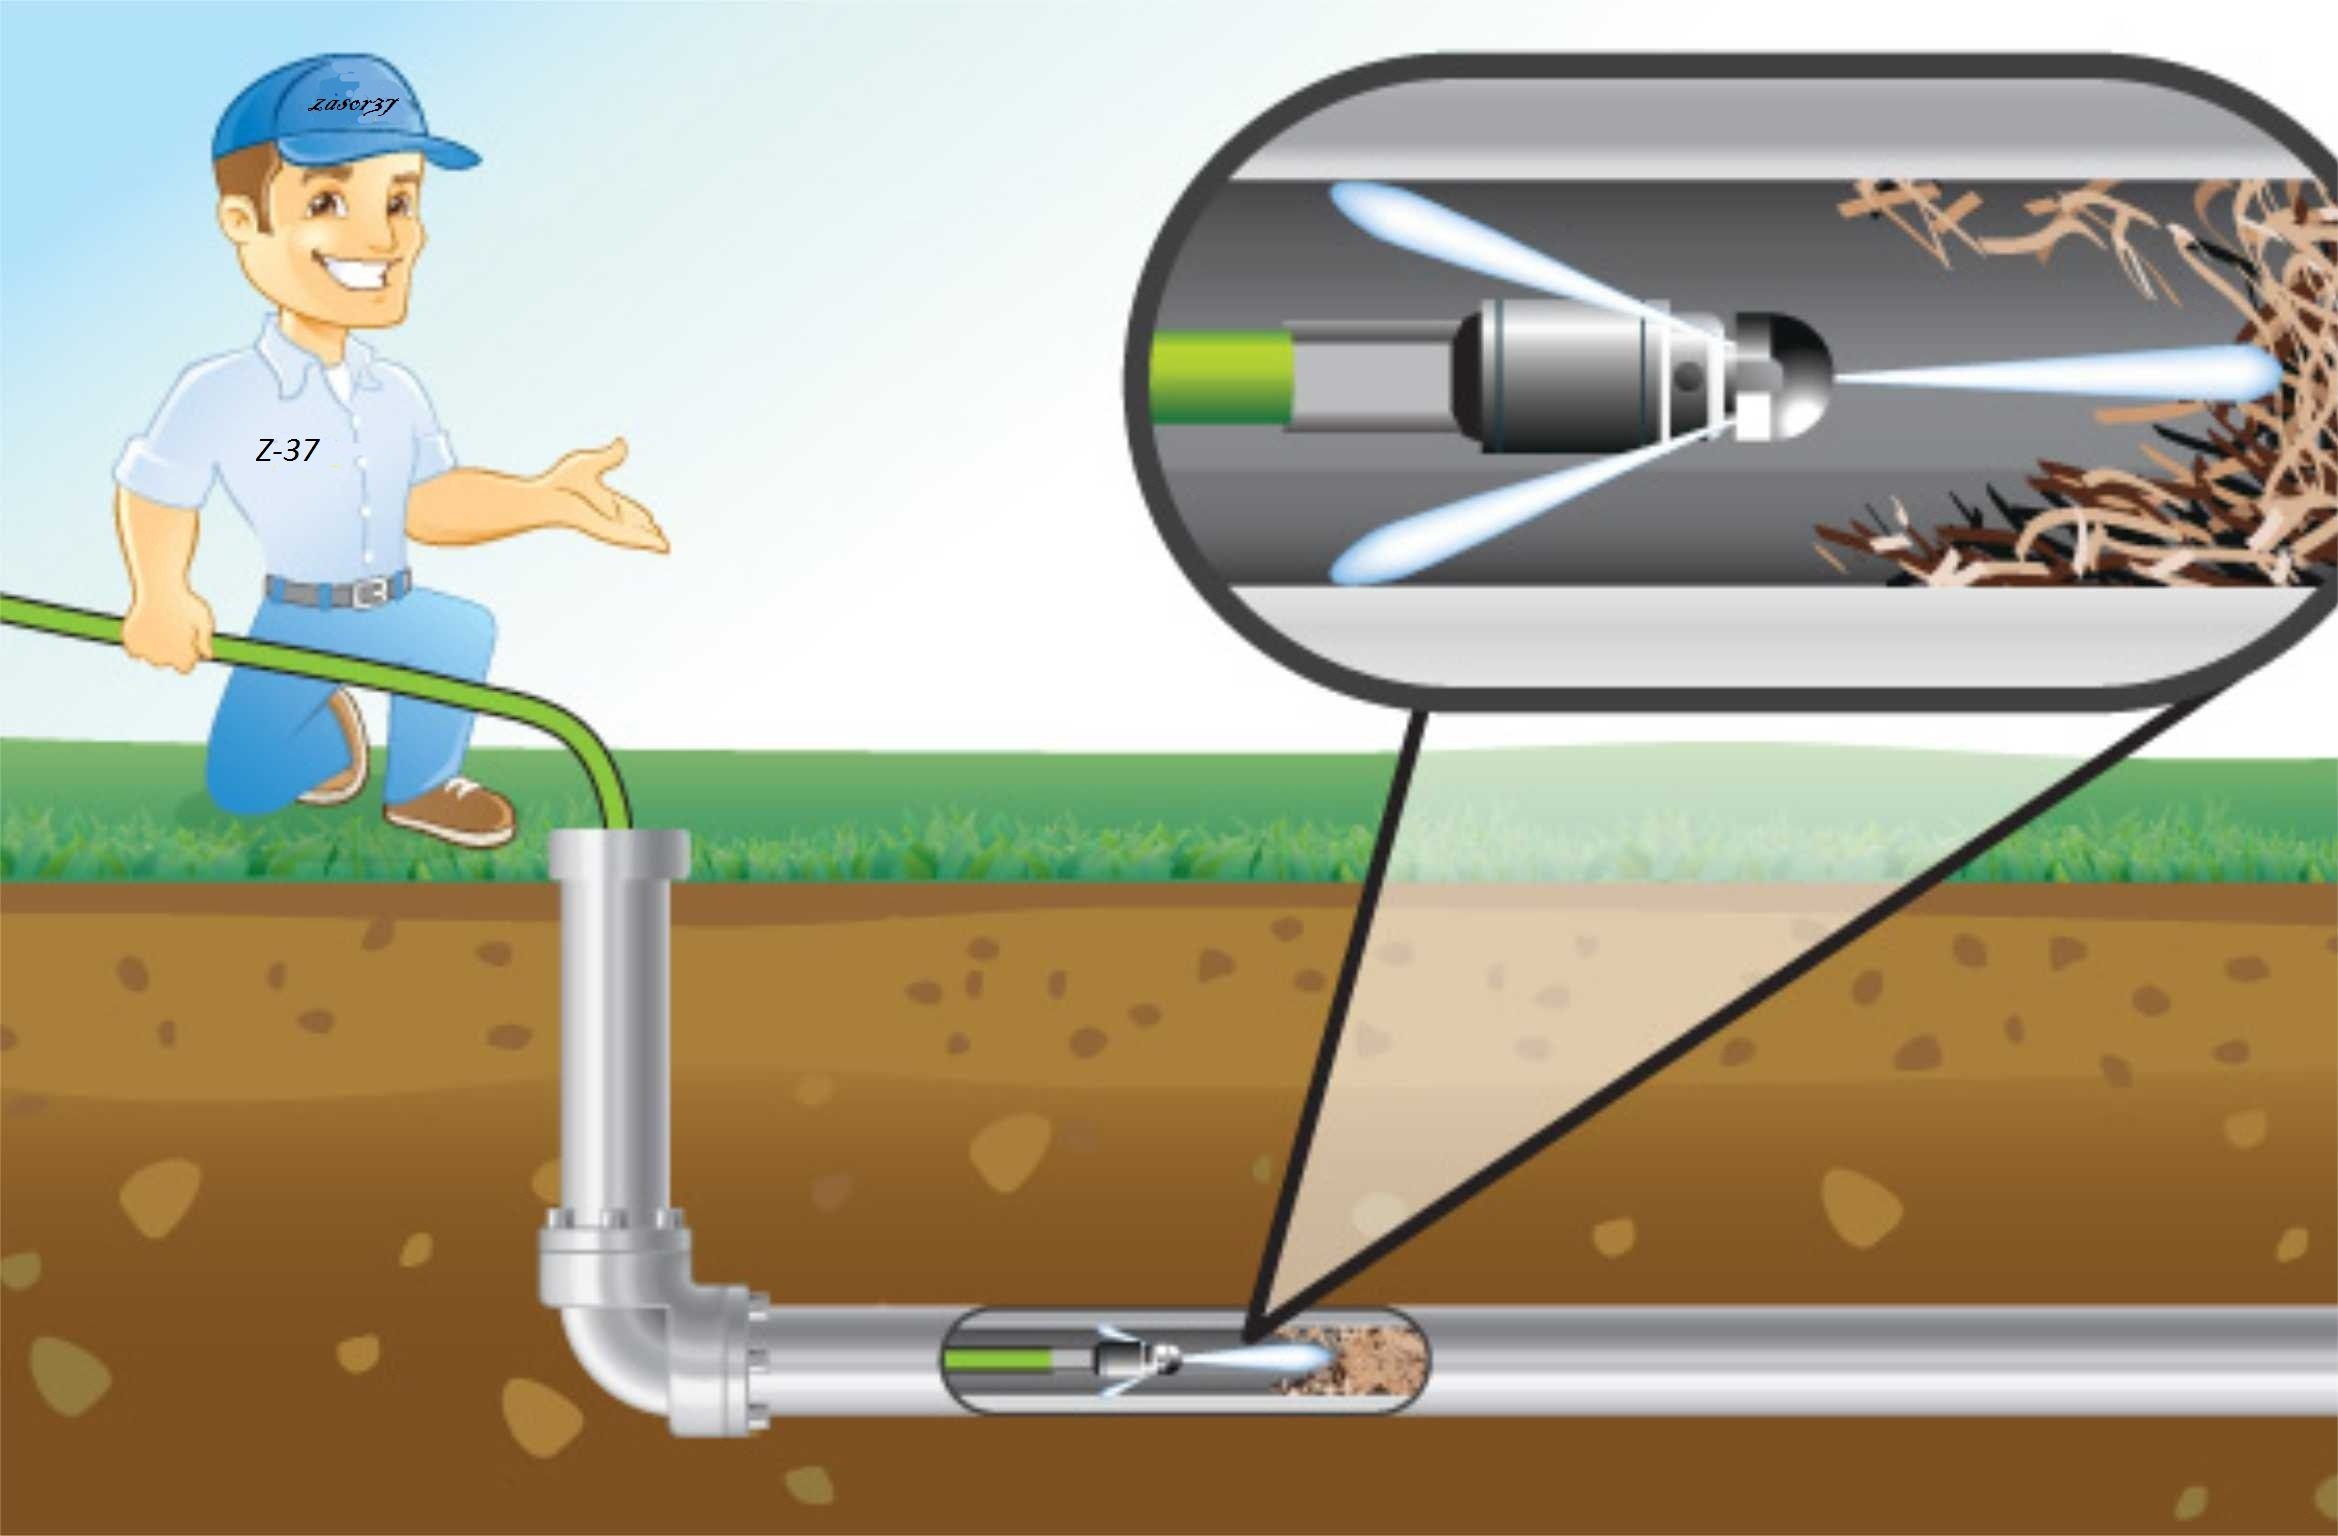 Гидродинамическая промывка канализации. Описание процесса в виде схемы.